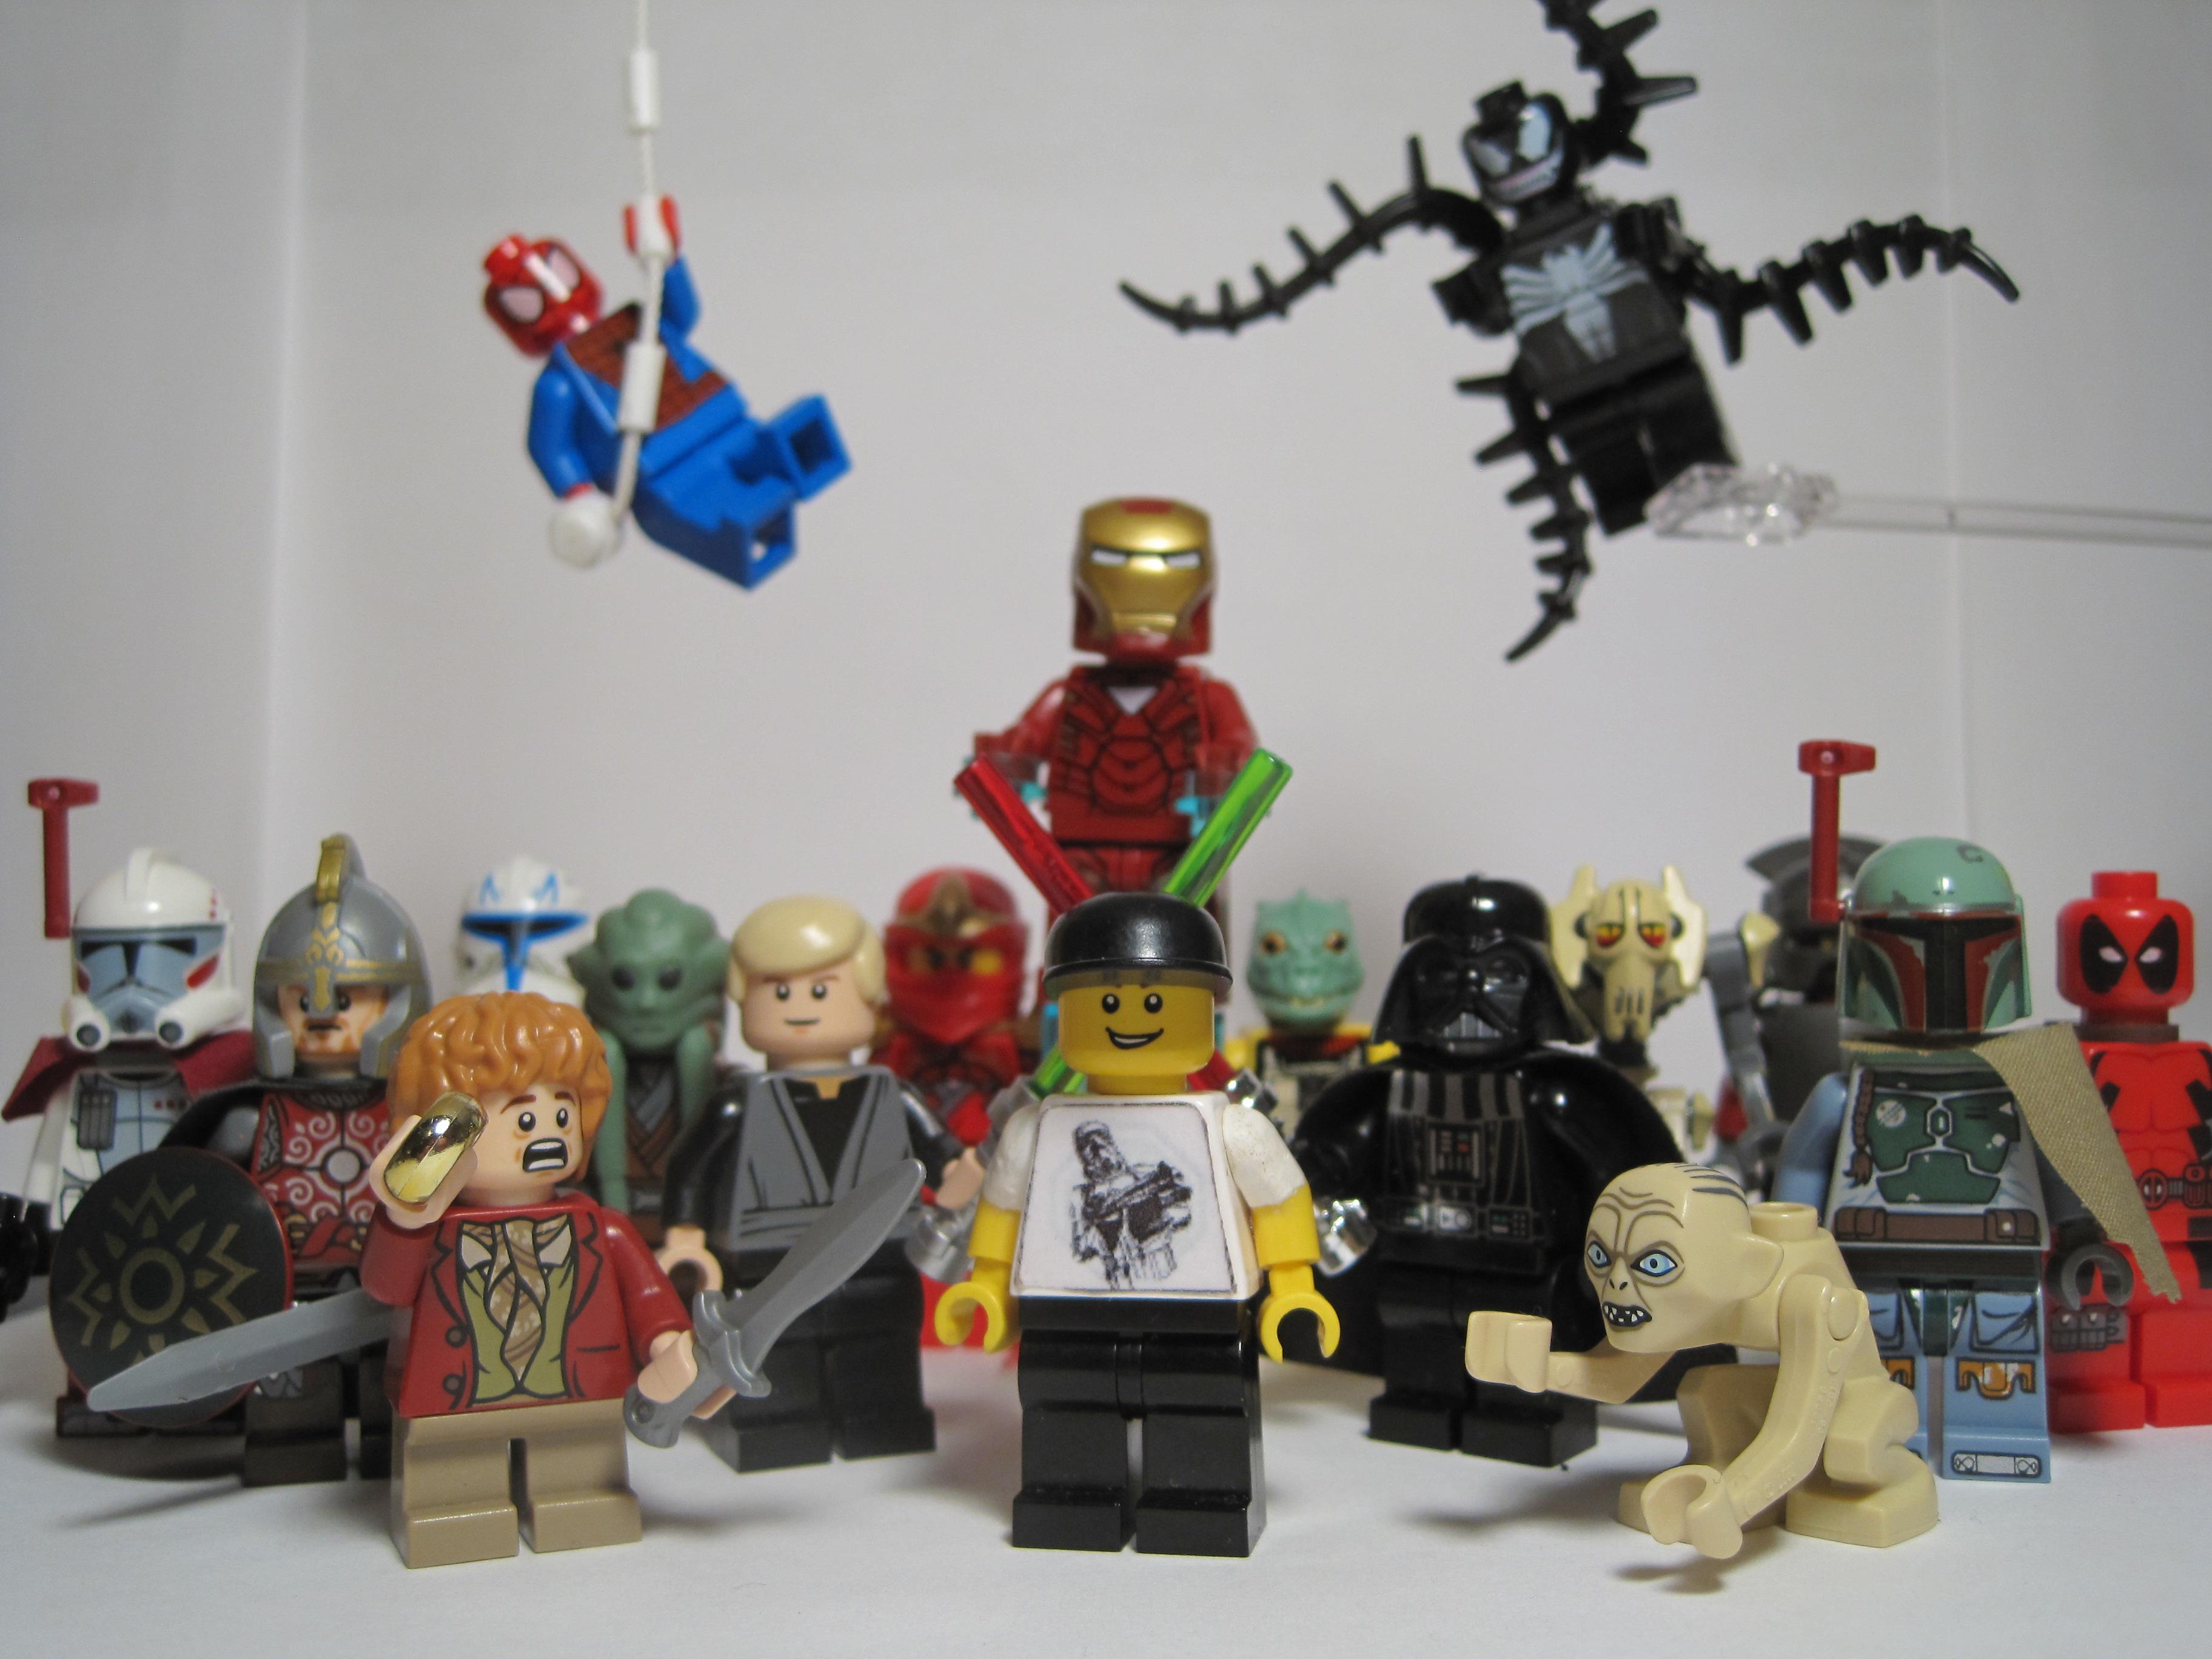 Wallpaper Robot Lego Trooper Gollum Venom Toy Month